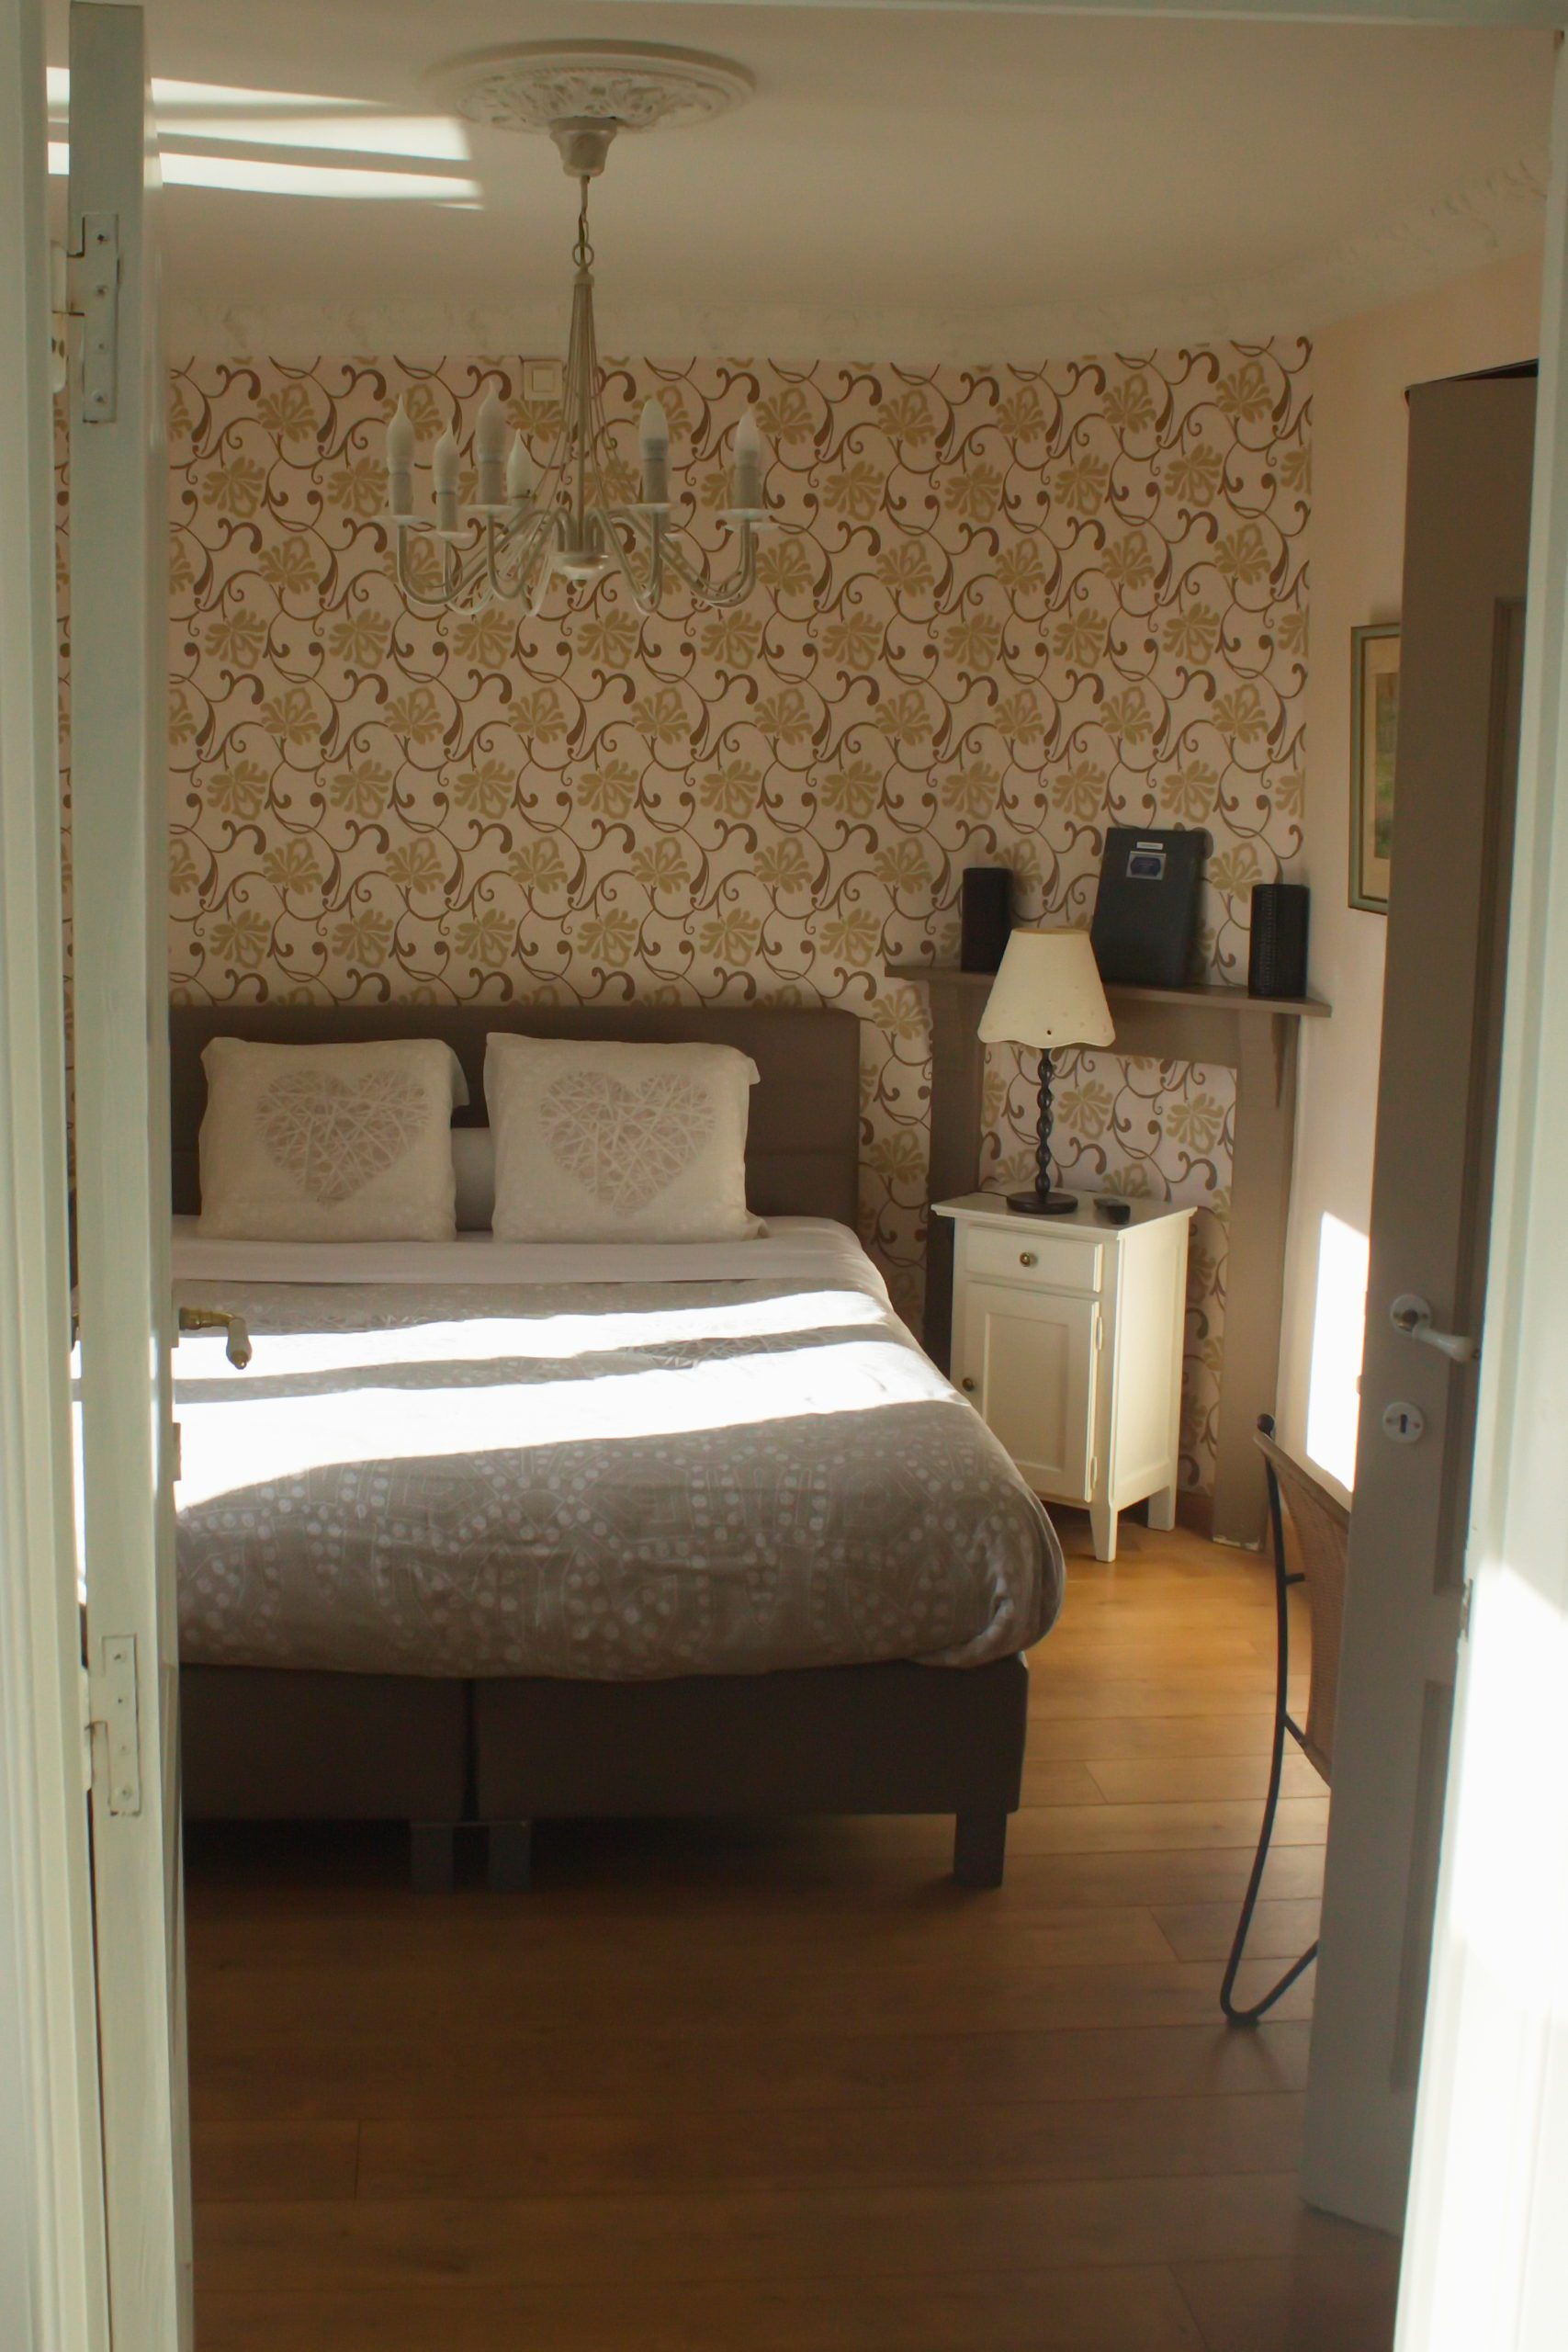 Côté Jardin gastenkamer dubbeld bed